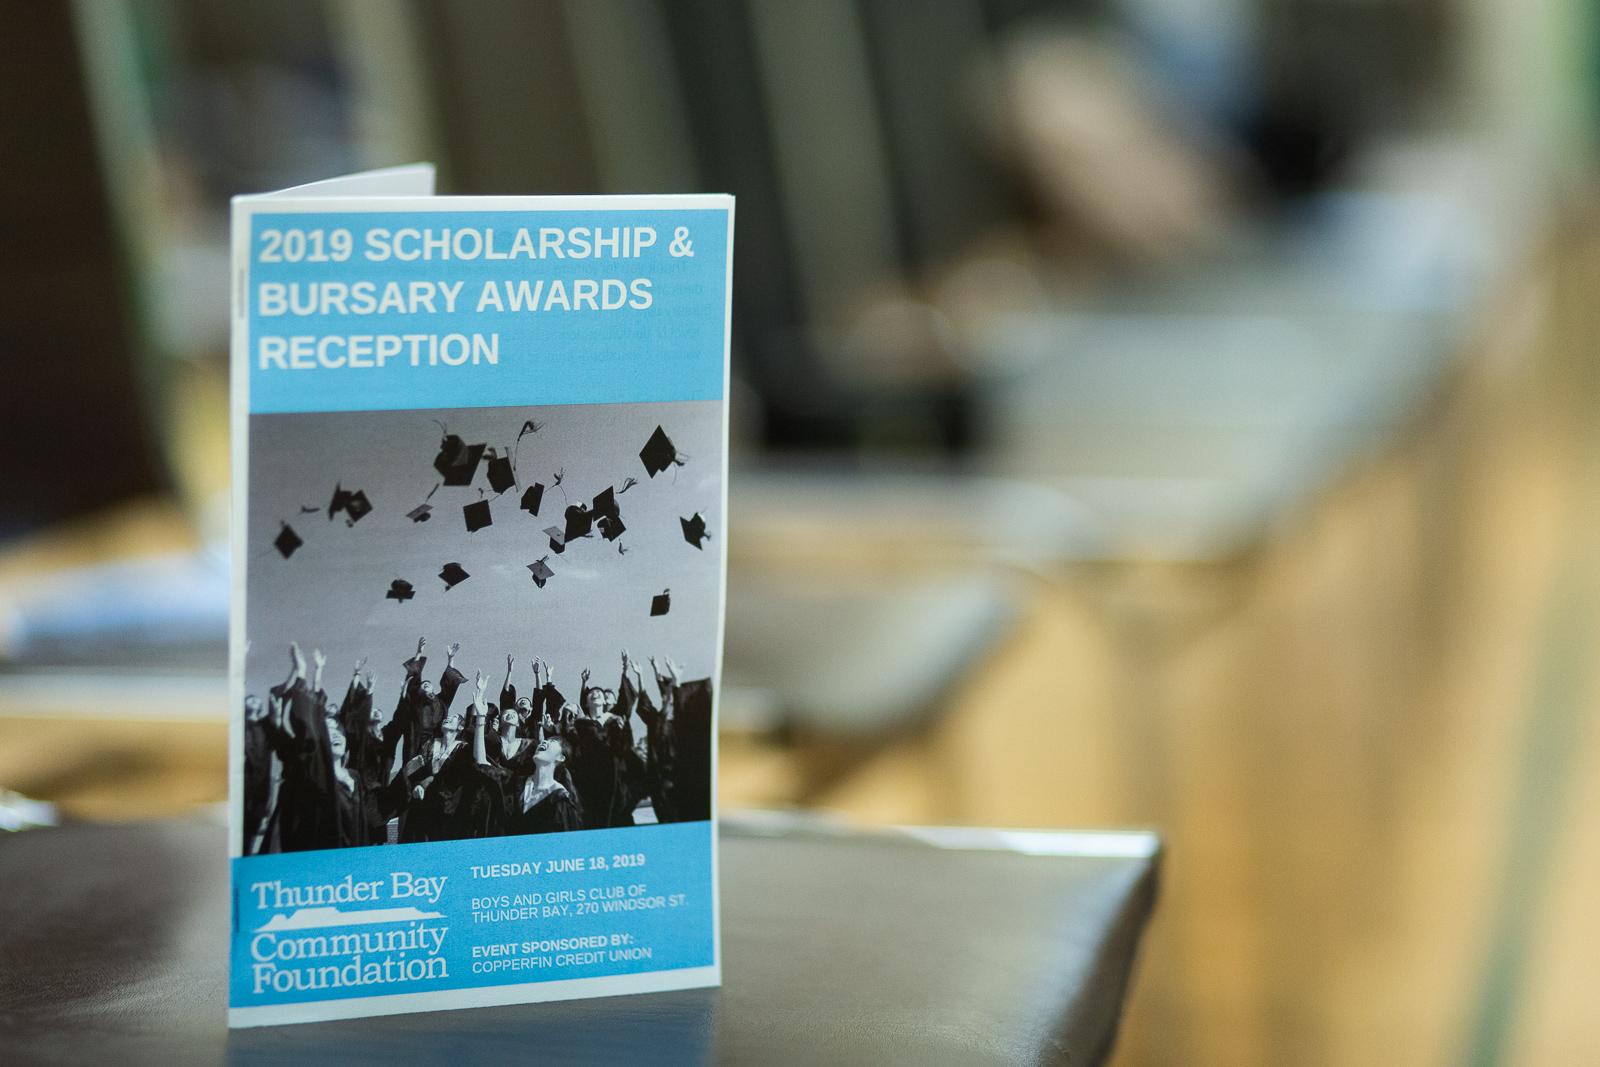 scholarship-bursary-award-reception-13.jpg